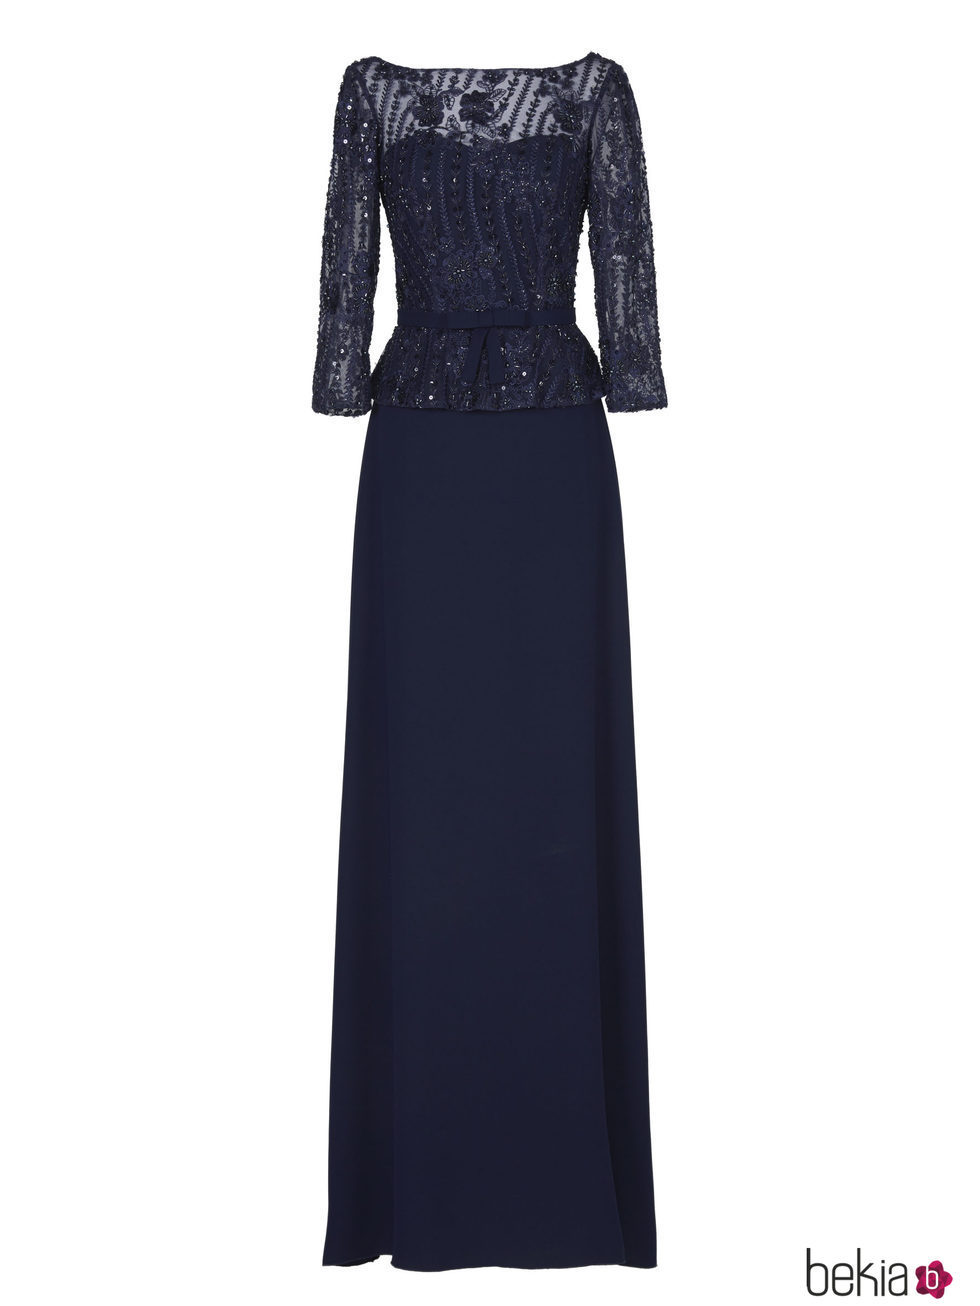 Vestidos de fiesta largos azul oscuro